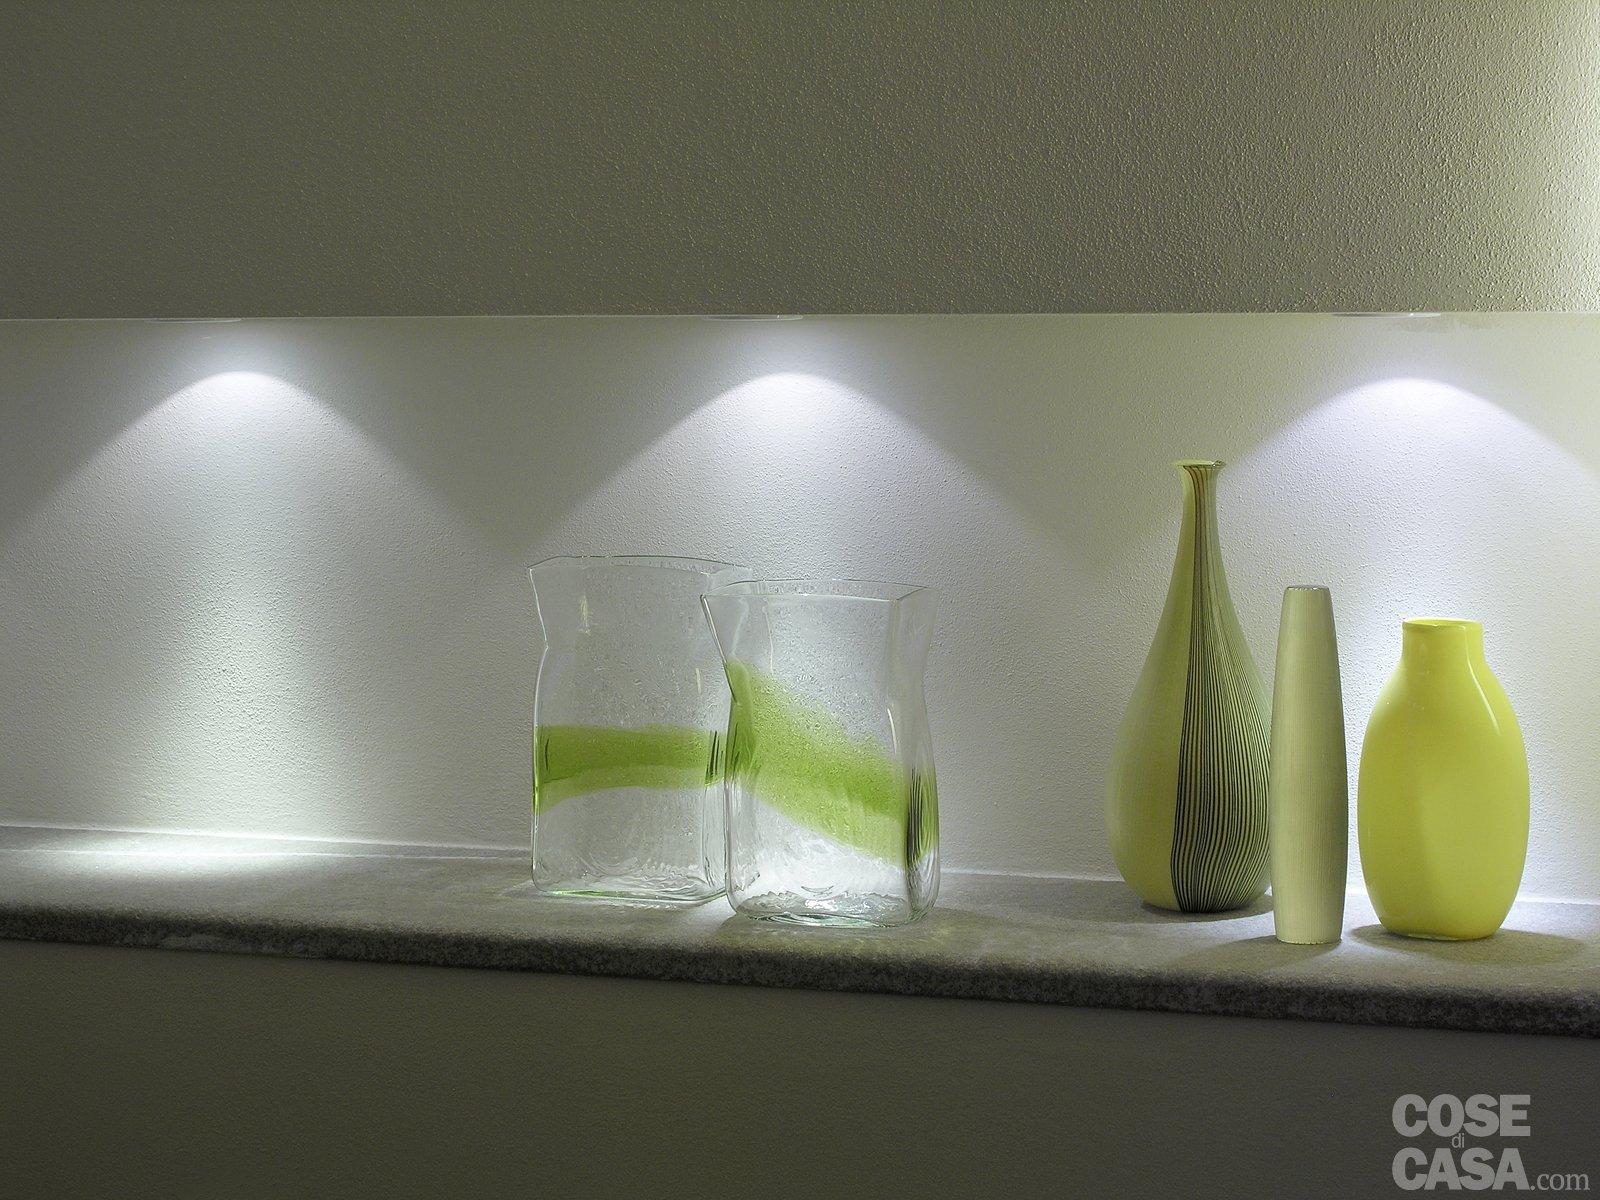 Una casa con tante idee da copiare cose di casa for Idee di design semplice casa